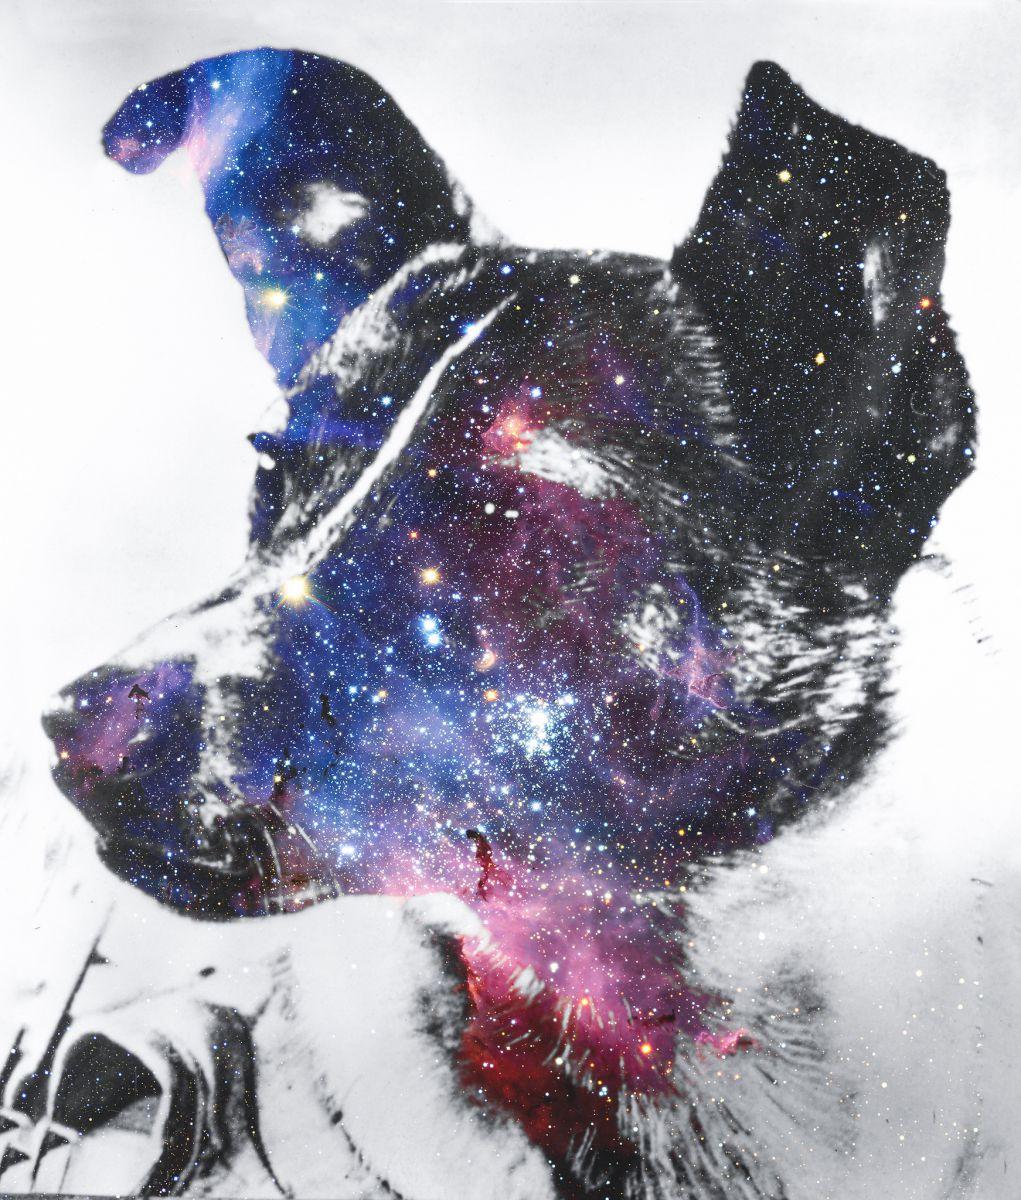 kutyabarat kutyabarát kutya